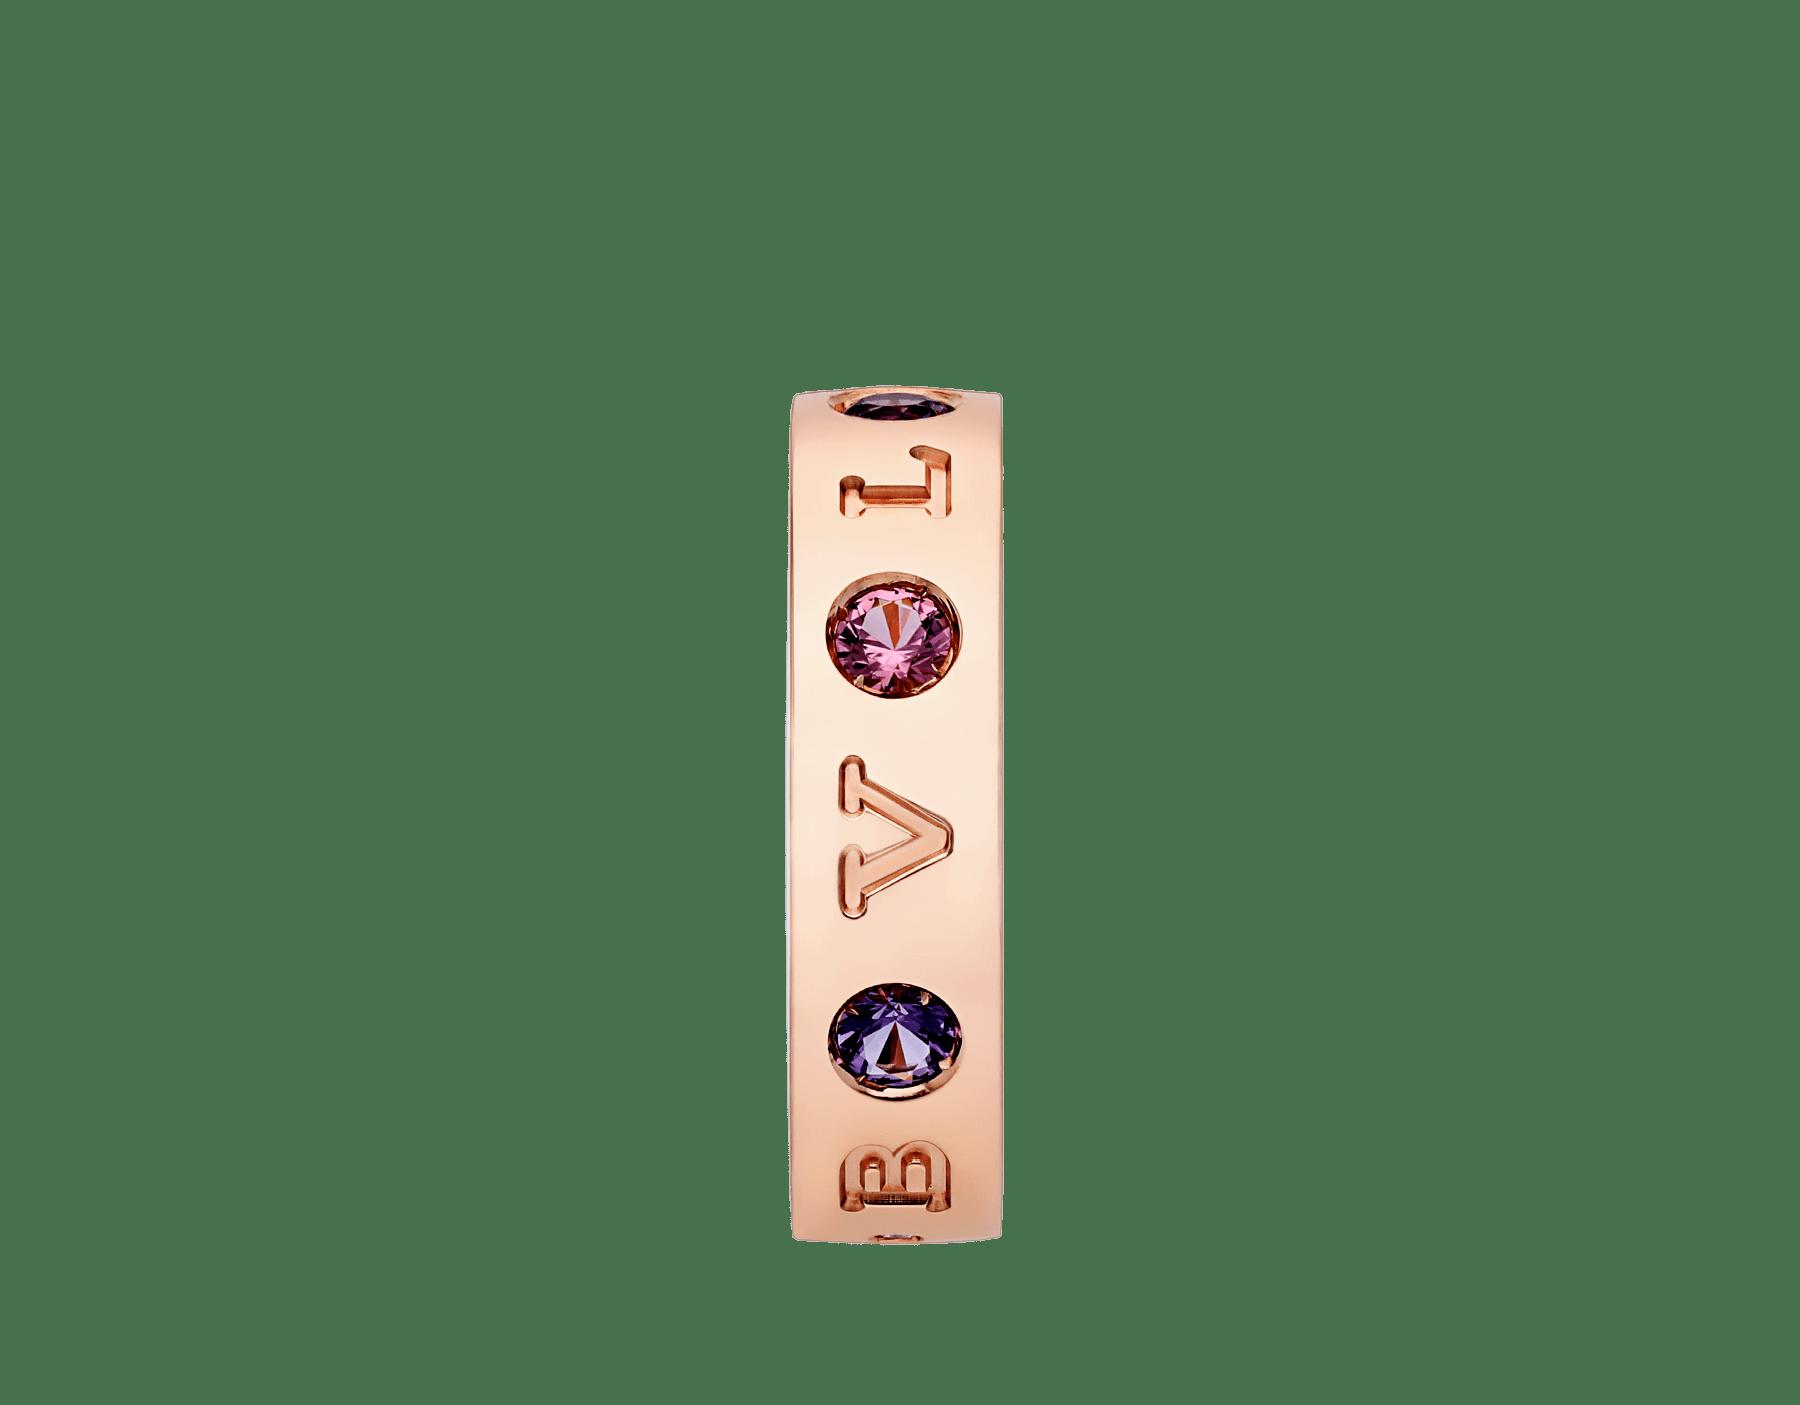 Anel BVLGARIBVLGARI em ouro rosa 18K cravejado com ametistas e turmalinas rosa AN857669 image 2